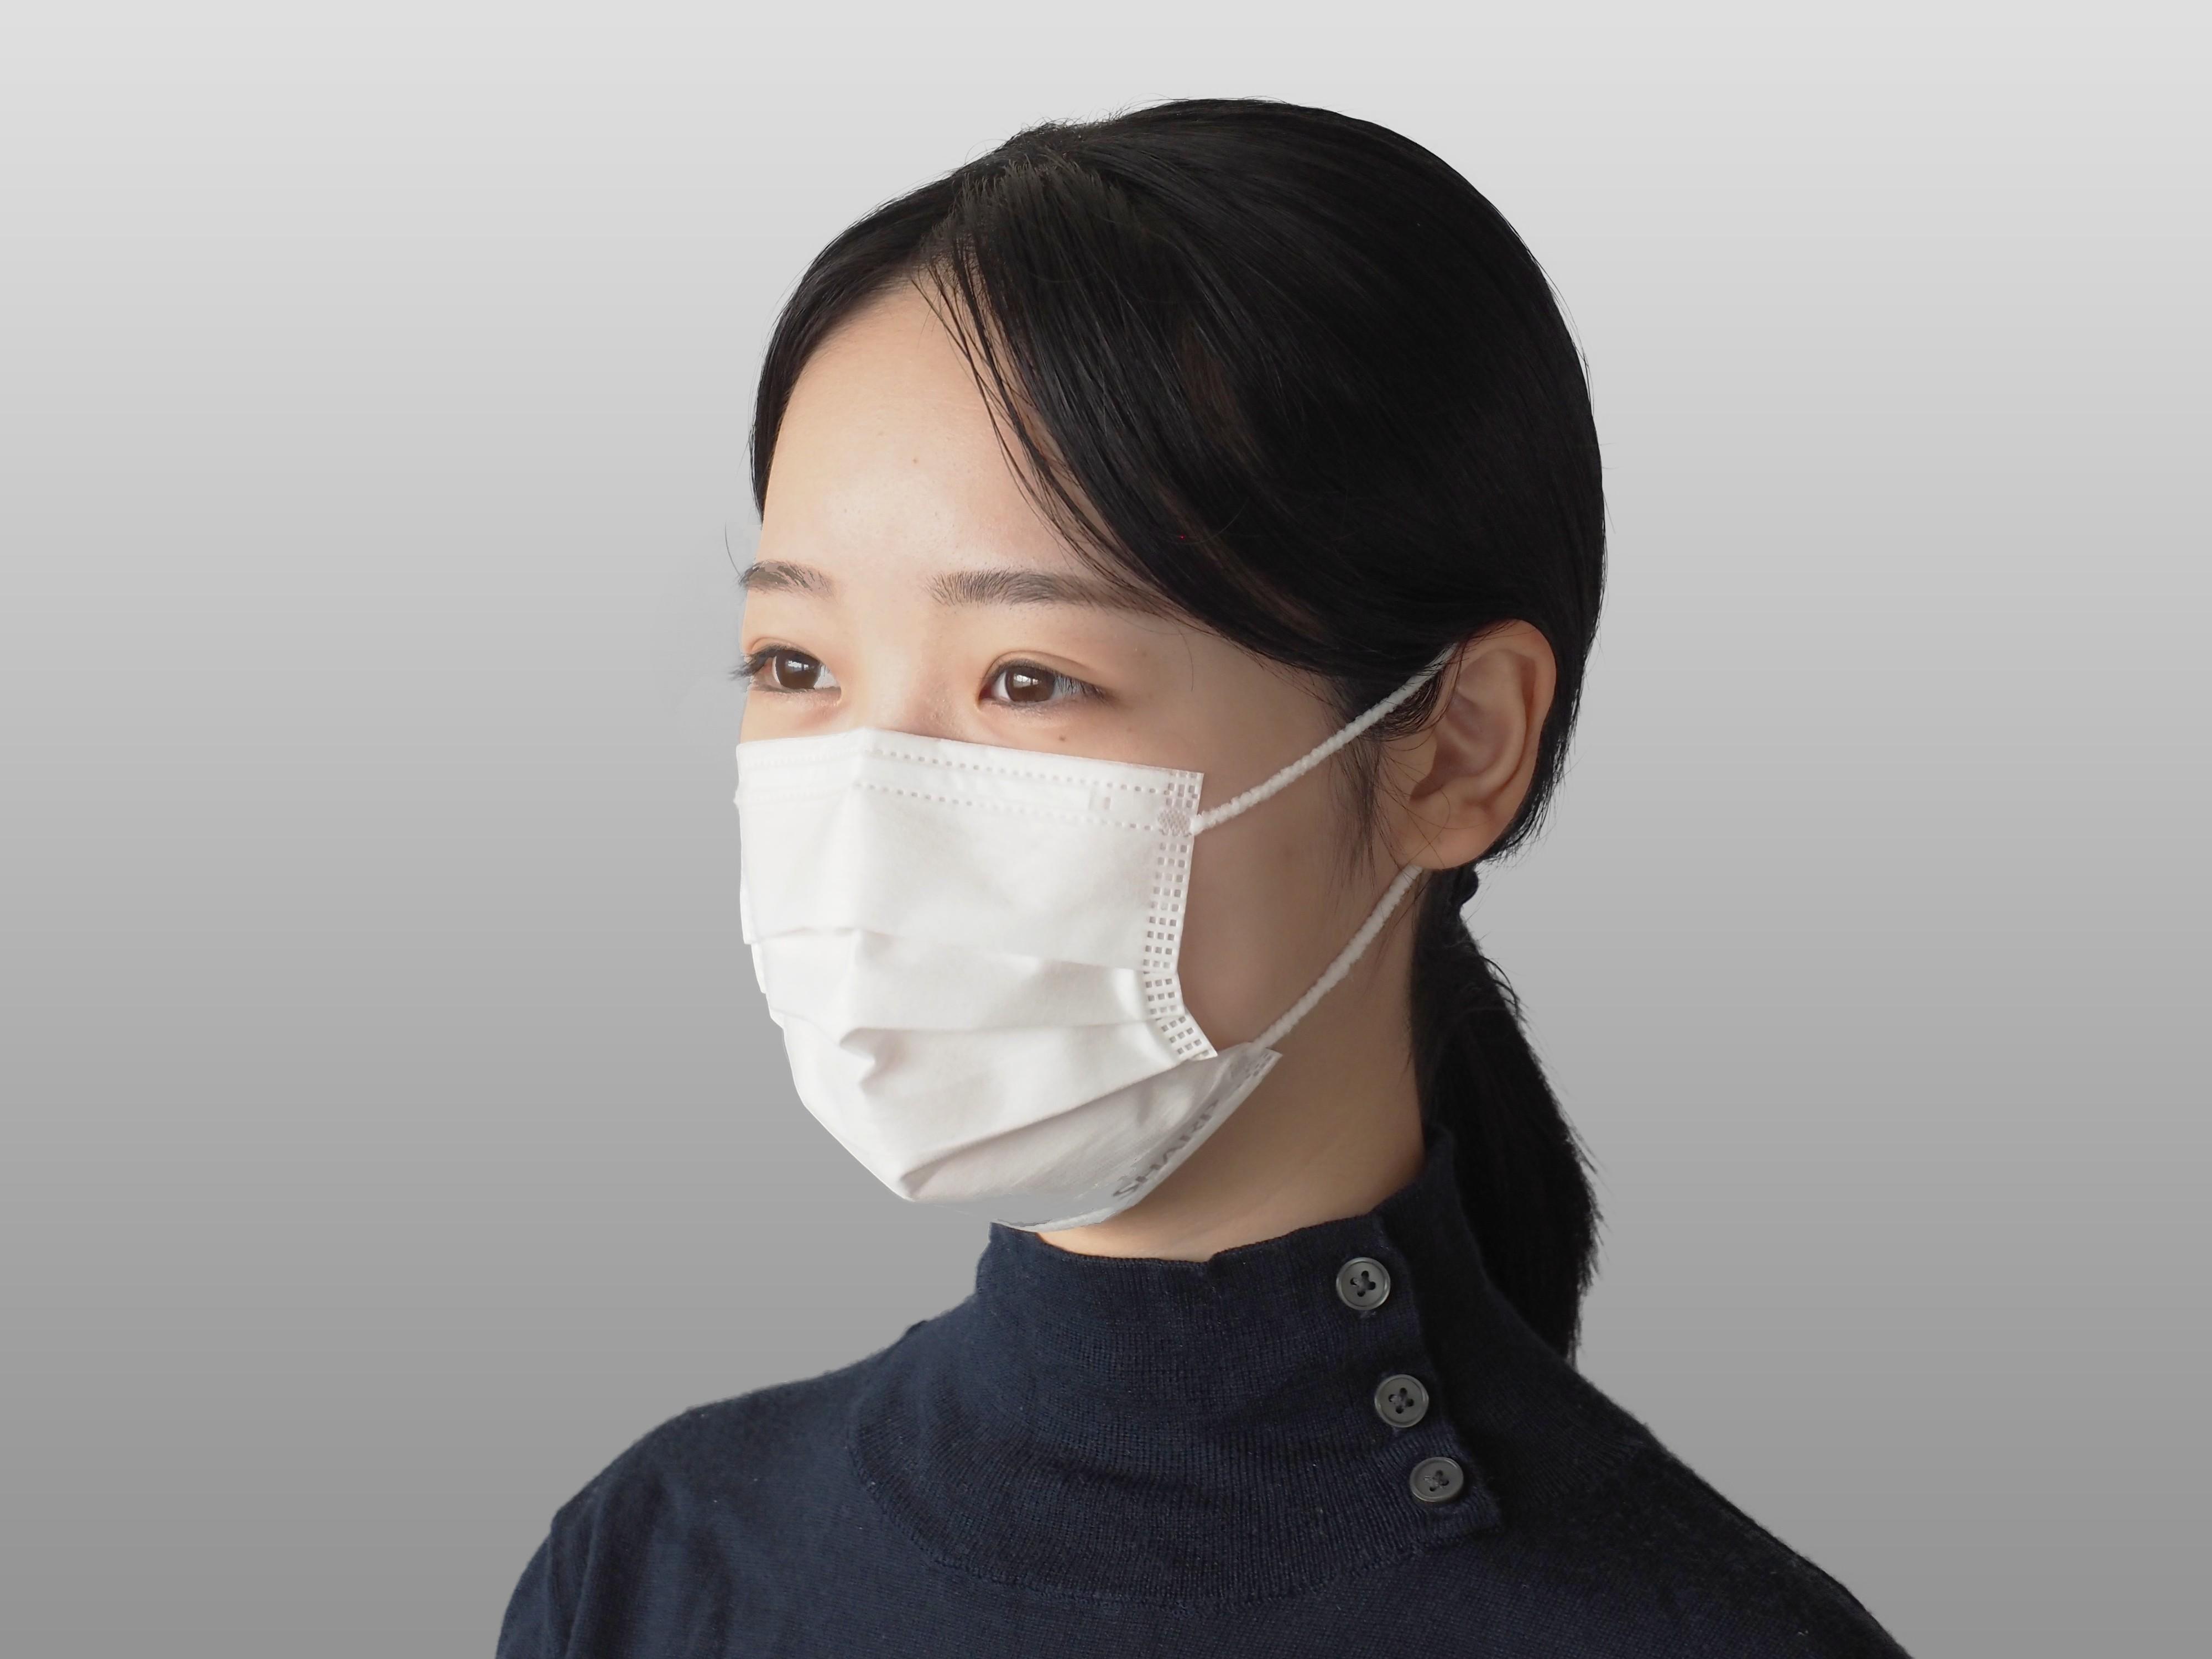 SH-04 シャープ製不織布マスク【小さめサイズ】30枚入